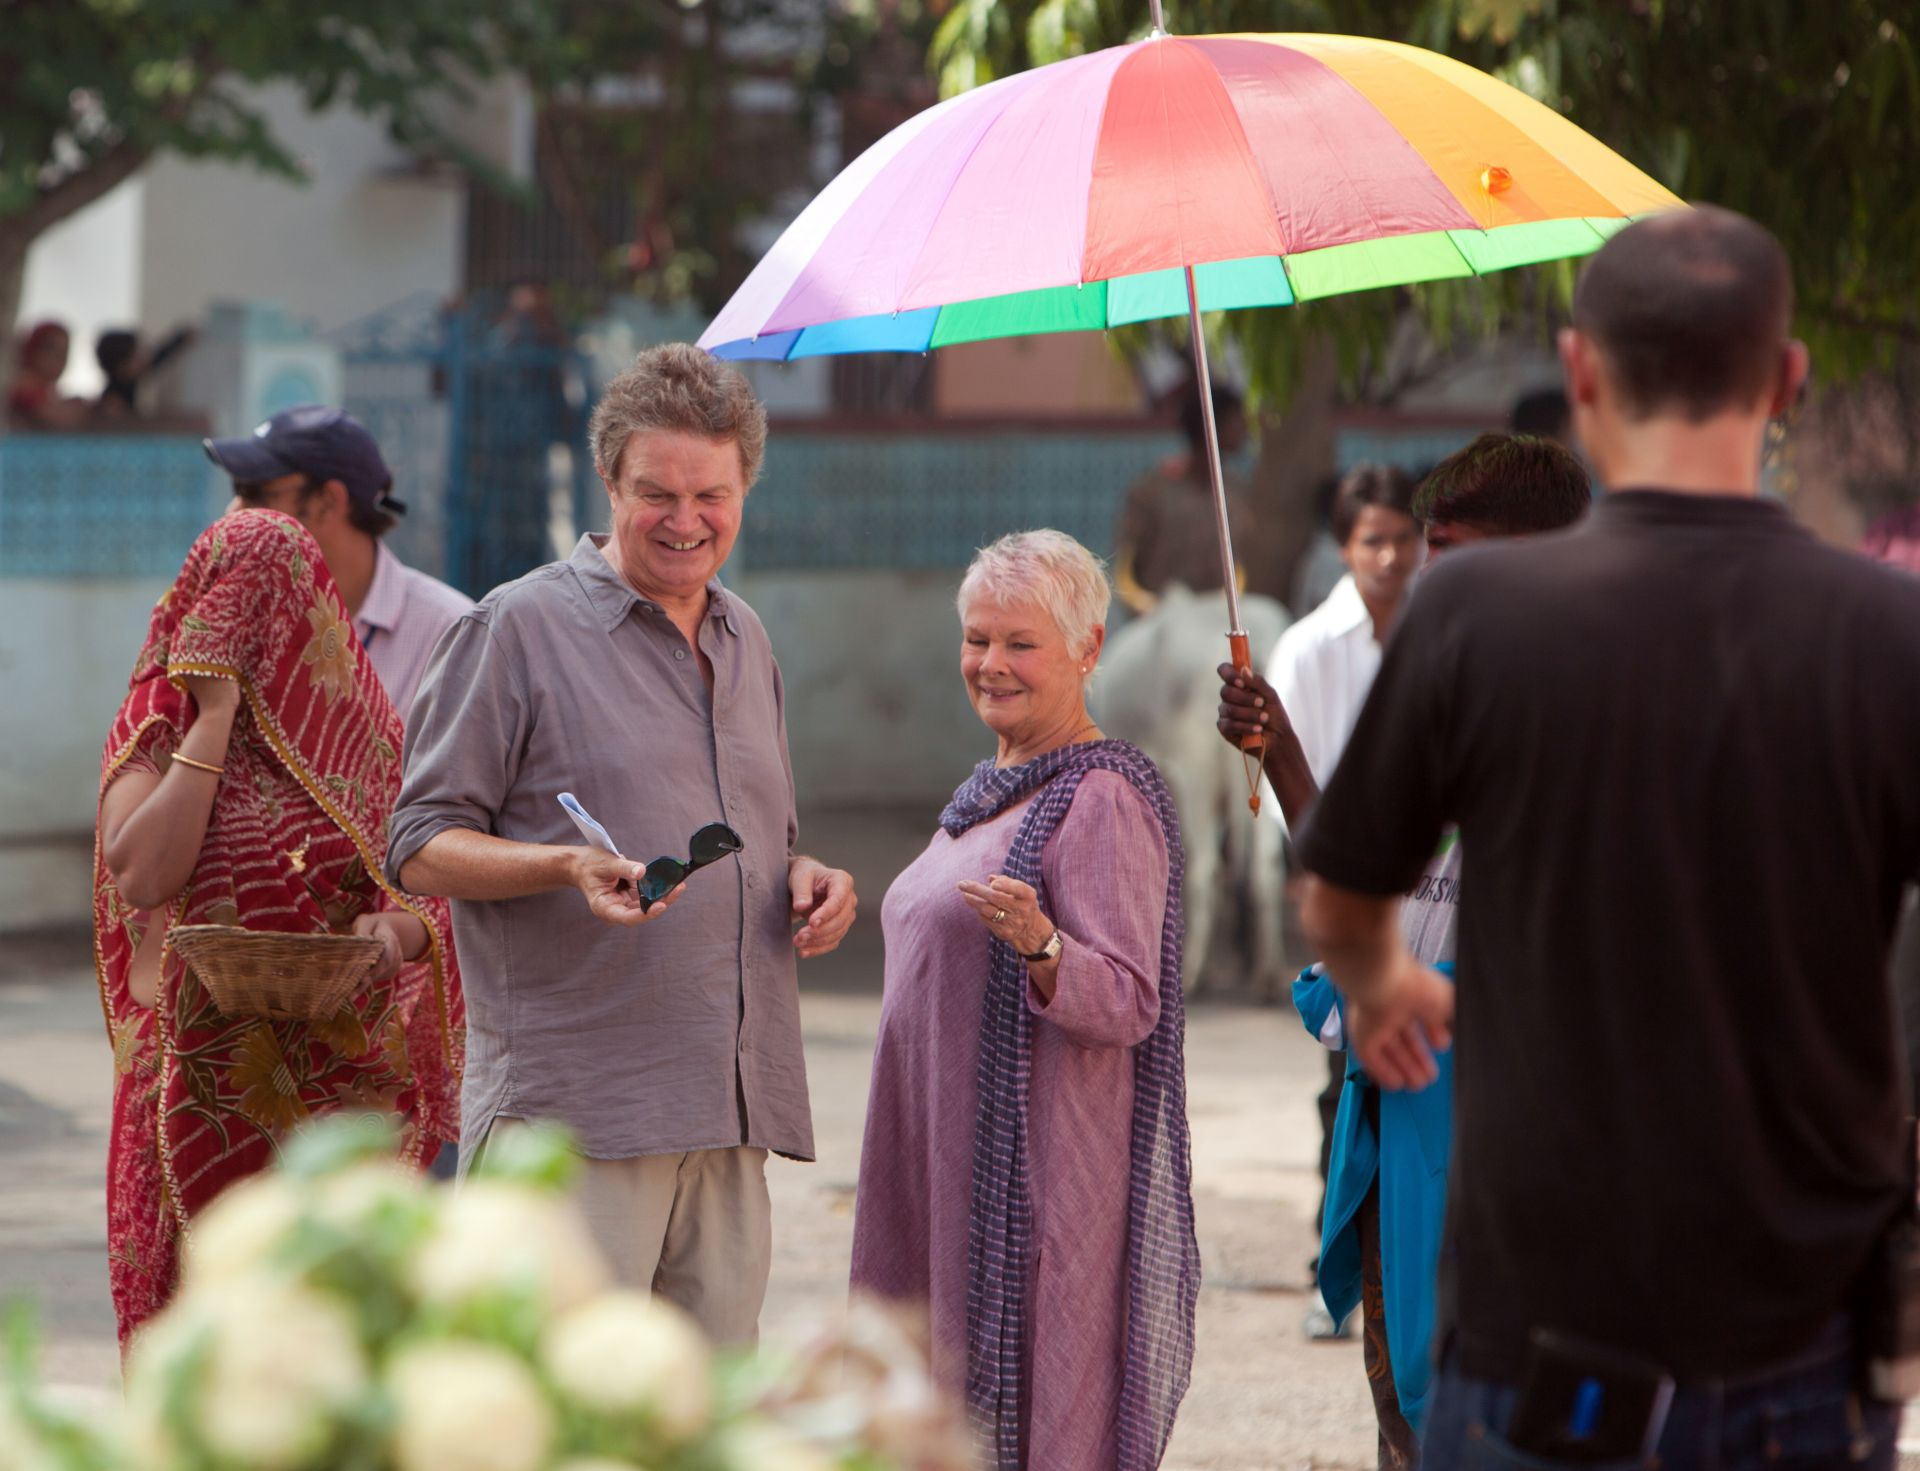 Imagini The Best Exotic Marigold Hotel (2011) - Imagini Hotelul Marigold - Imagine 1 din 41 - CineMagia.ro